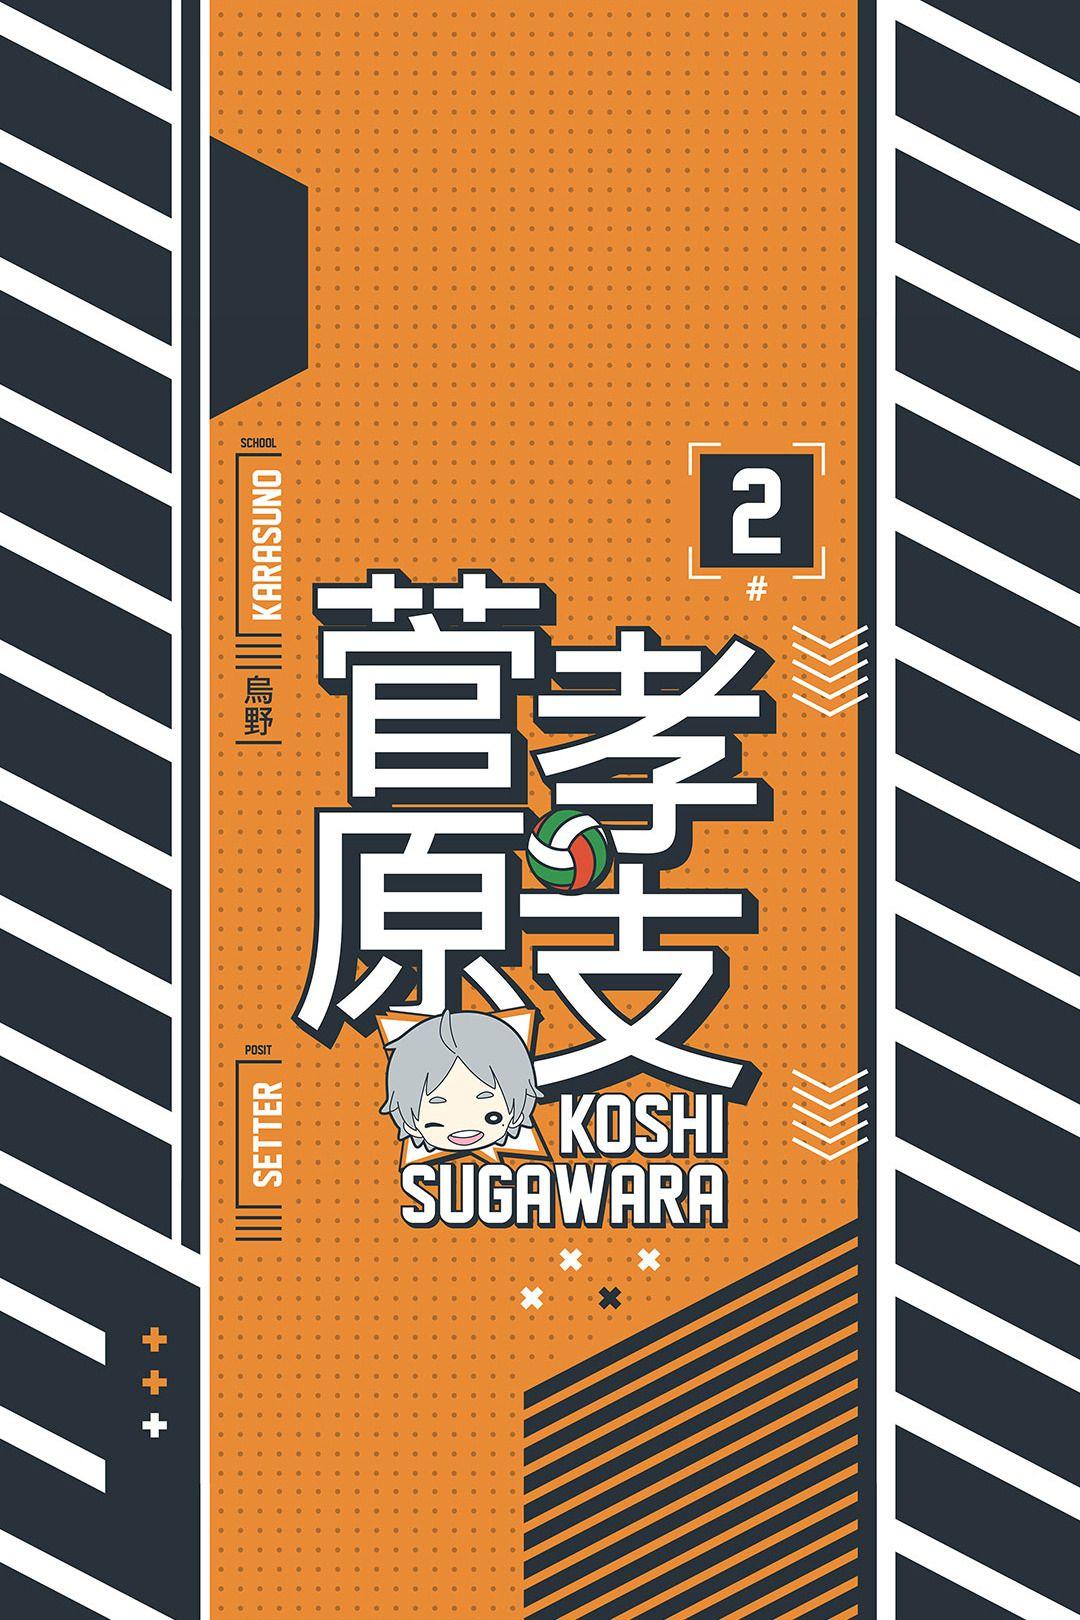 Sugawara Koshi Karasuno Haikyuu In 2020 Haikyuu Wallpaper Haikyuu Anime Cute Anime Wallpaper